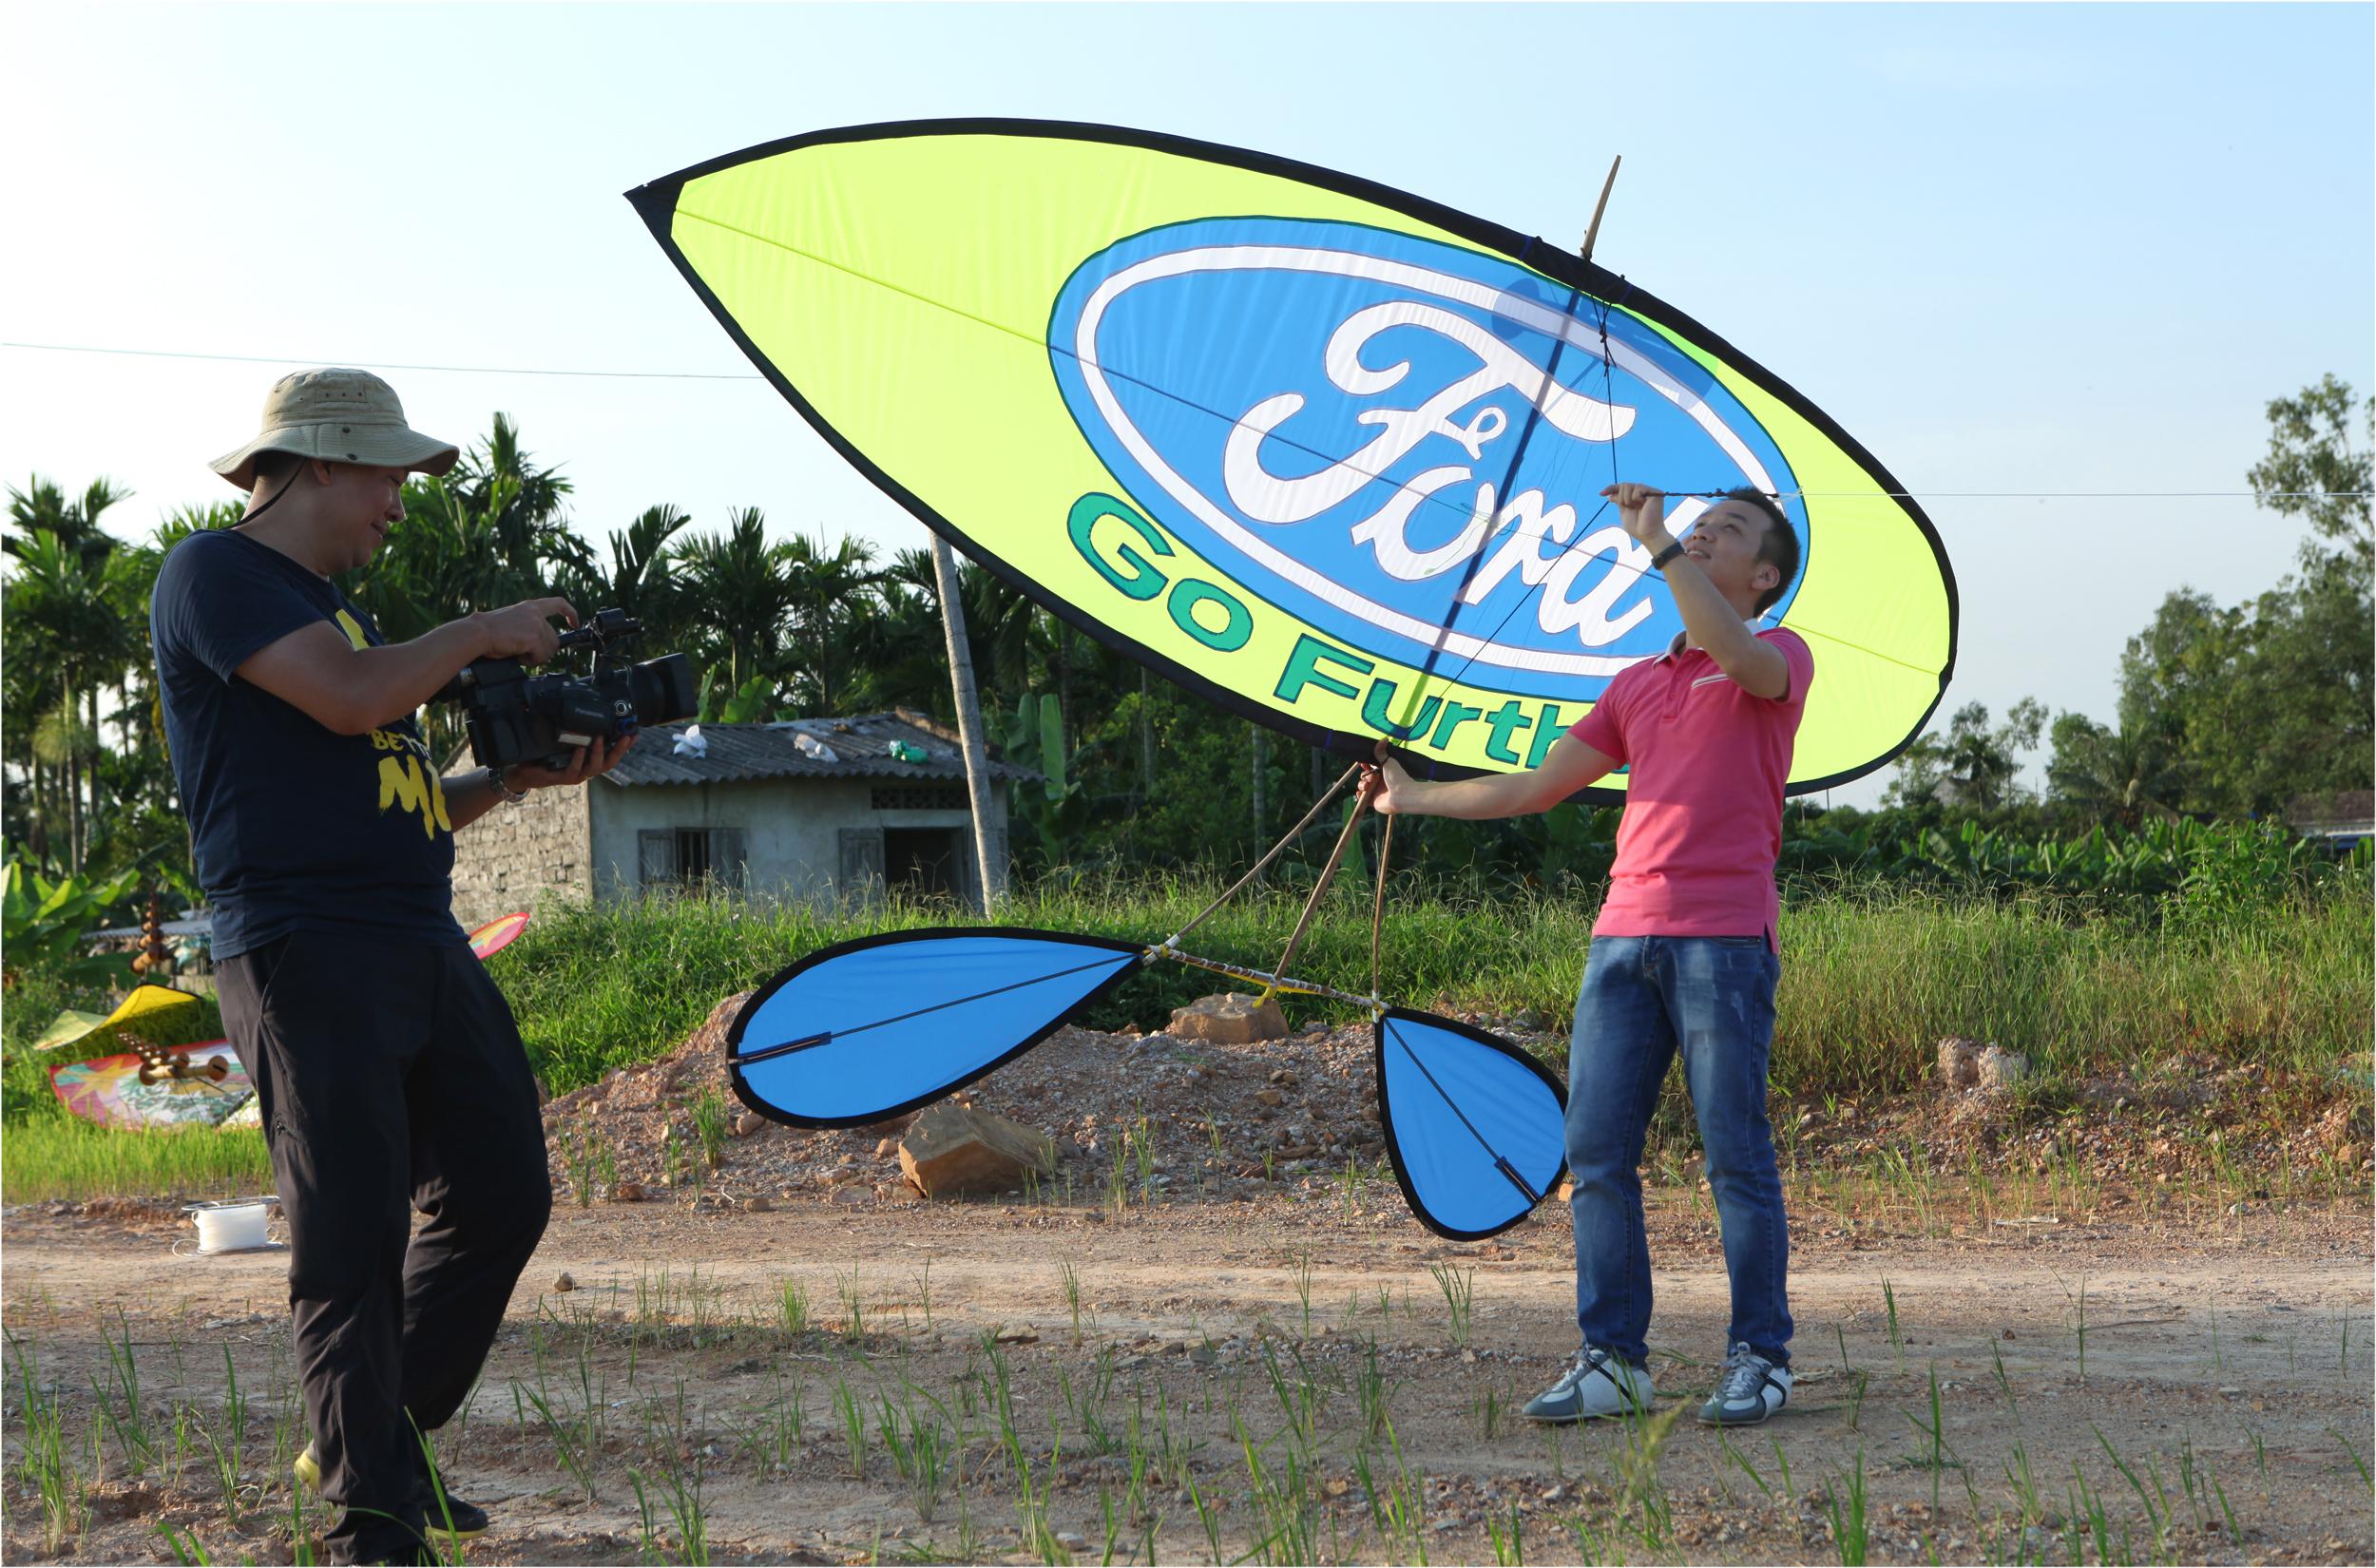 Phim hành trình khám phá thành phố của đội Eco-Fly